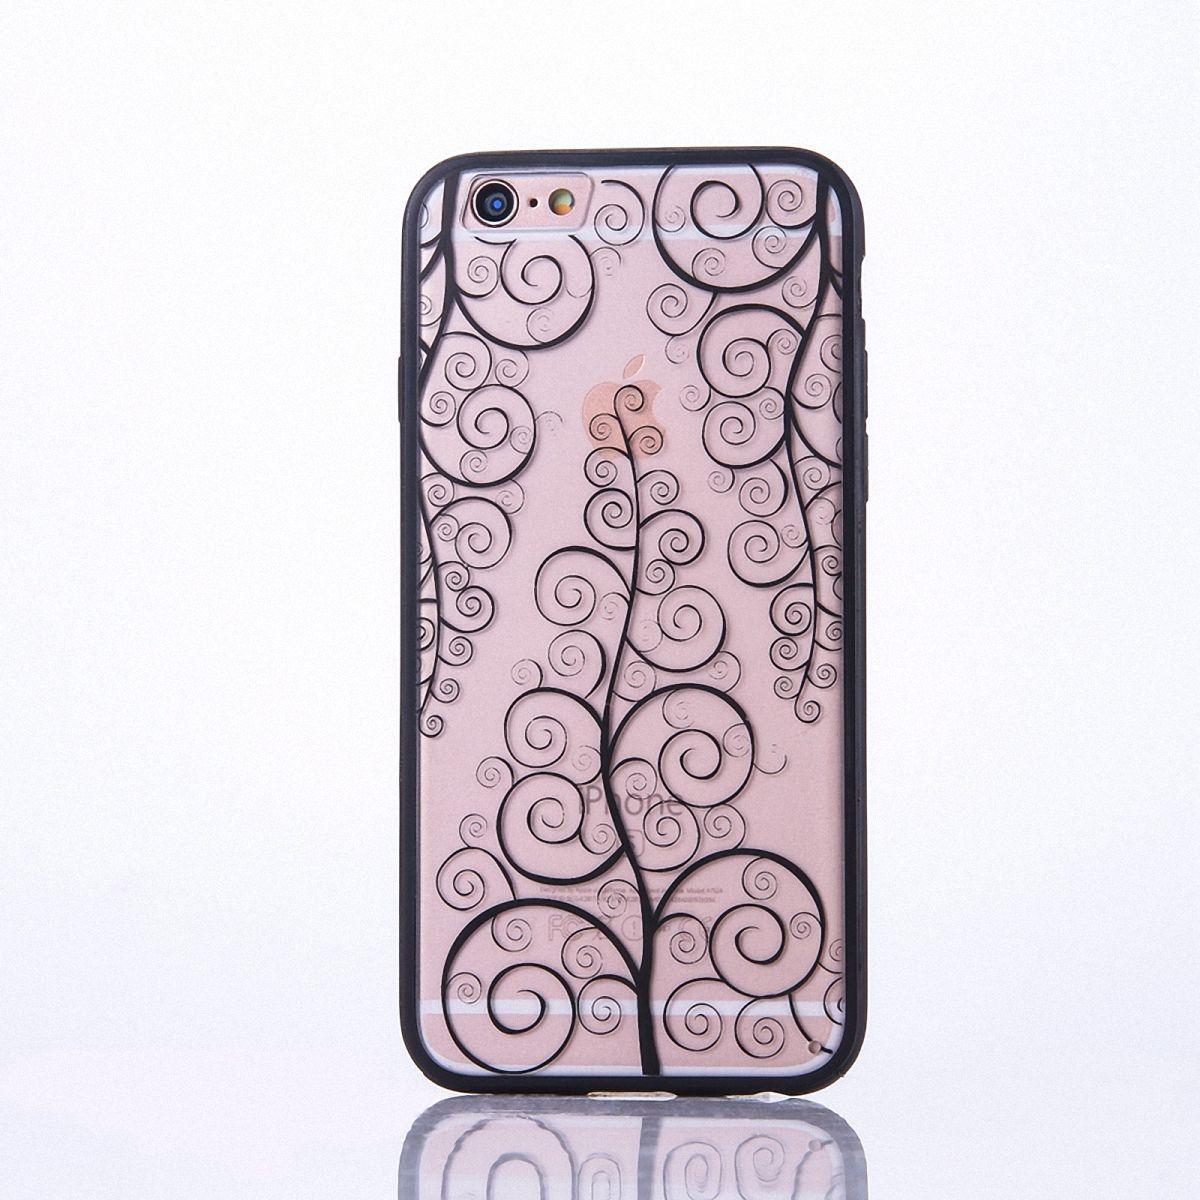 Handy Hülle Mandala für Apple iPhone 8 Design Case Schutzhülle Motiv Blume Cover Tasche Bumper Schwarz